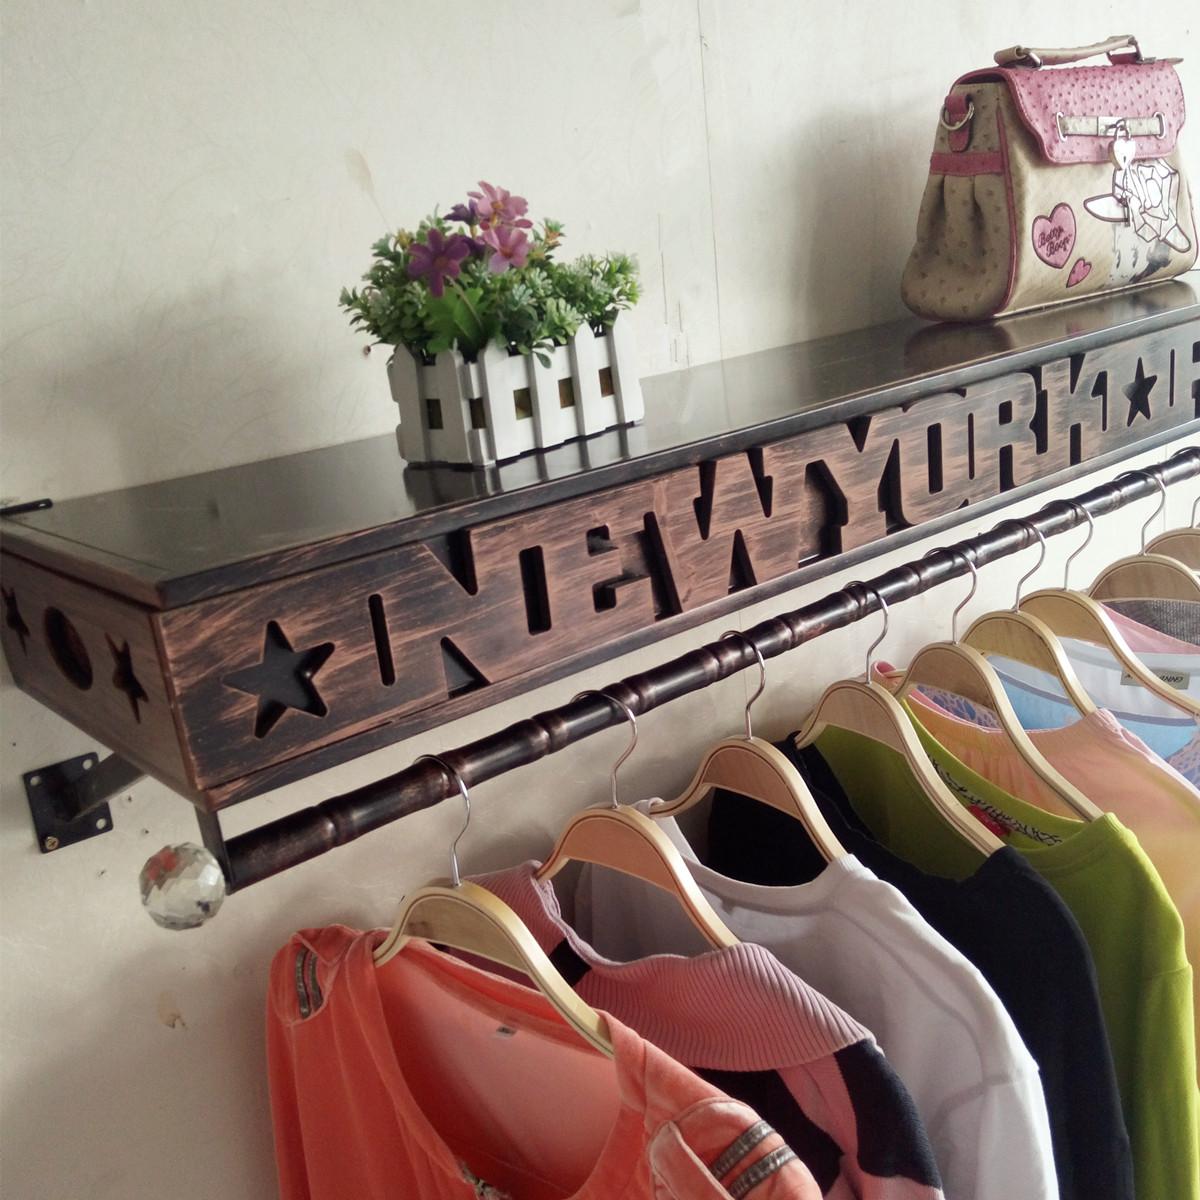 铁艺复服装架服装店衣架展示架上墙货架女童装侧挂壁挂式衣服架子